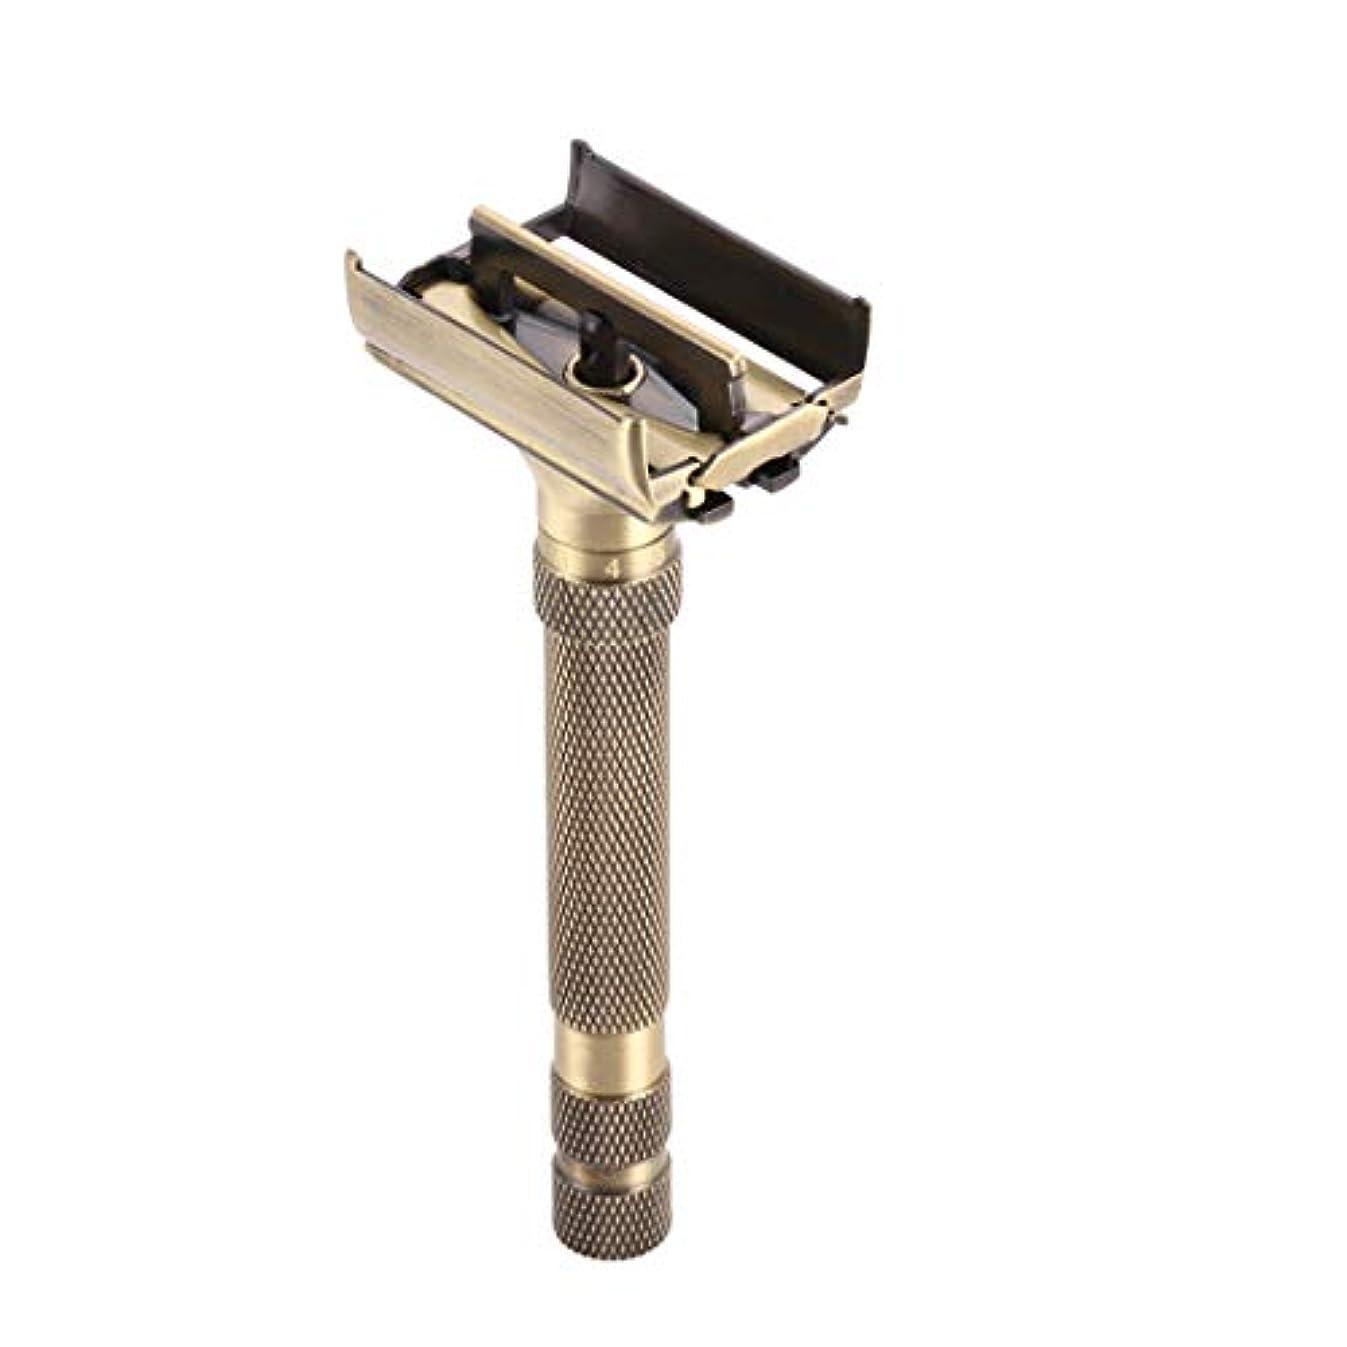 味セール不毛のクラシックダブルエッジカミソリ真鍮両面手動かみそり ブレード露出調整可能 ダブルエッジ 安全レイザー 替刃5個付